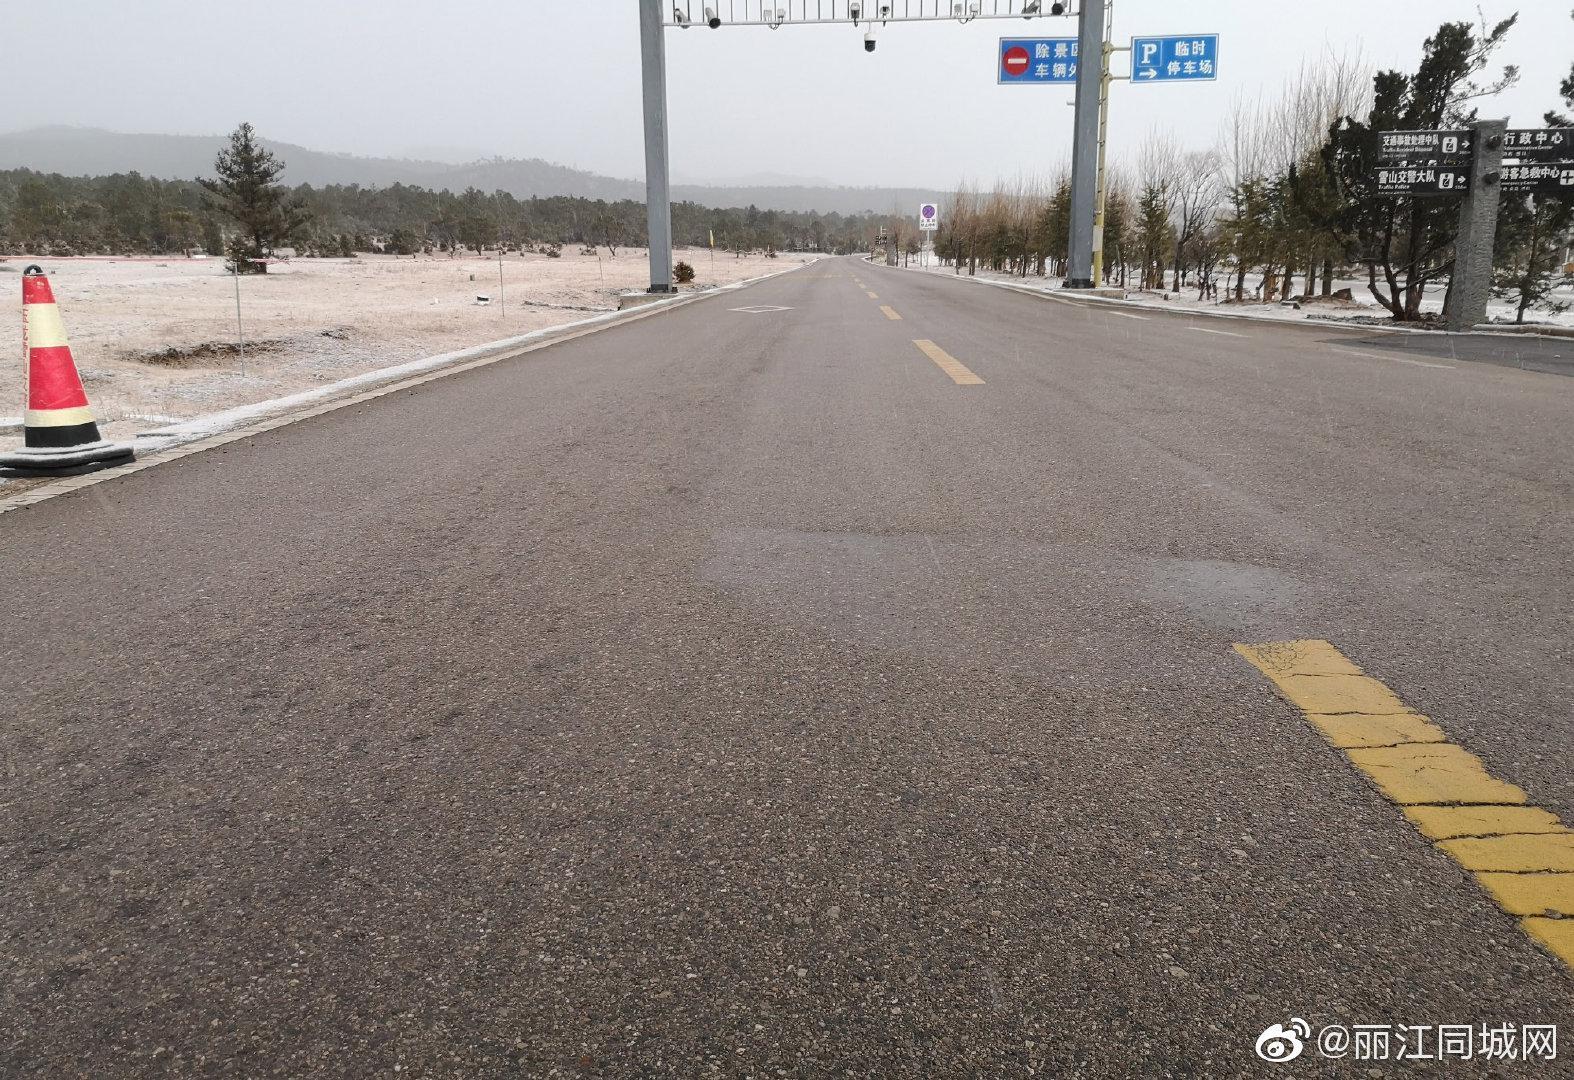 1月21日早晨玉龙雪山景区有降雪,8:00路面已有少许积雪……